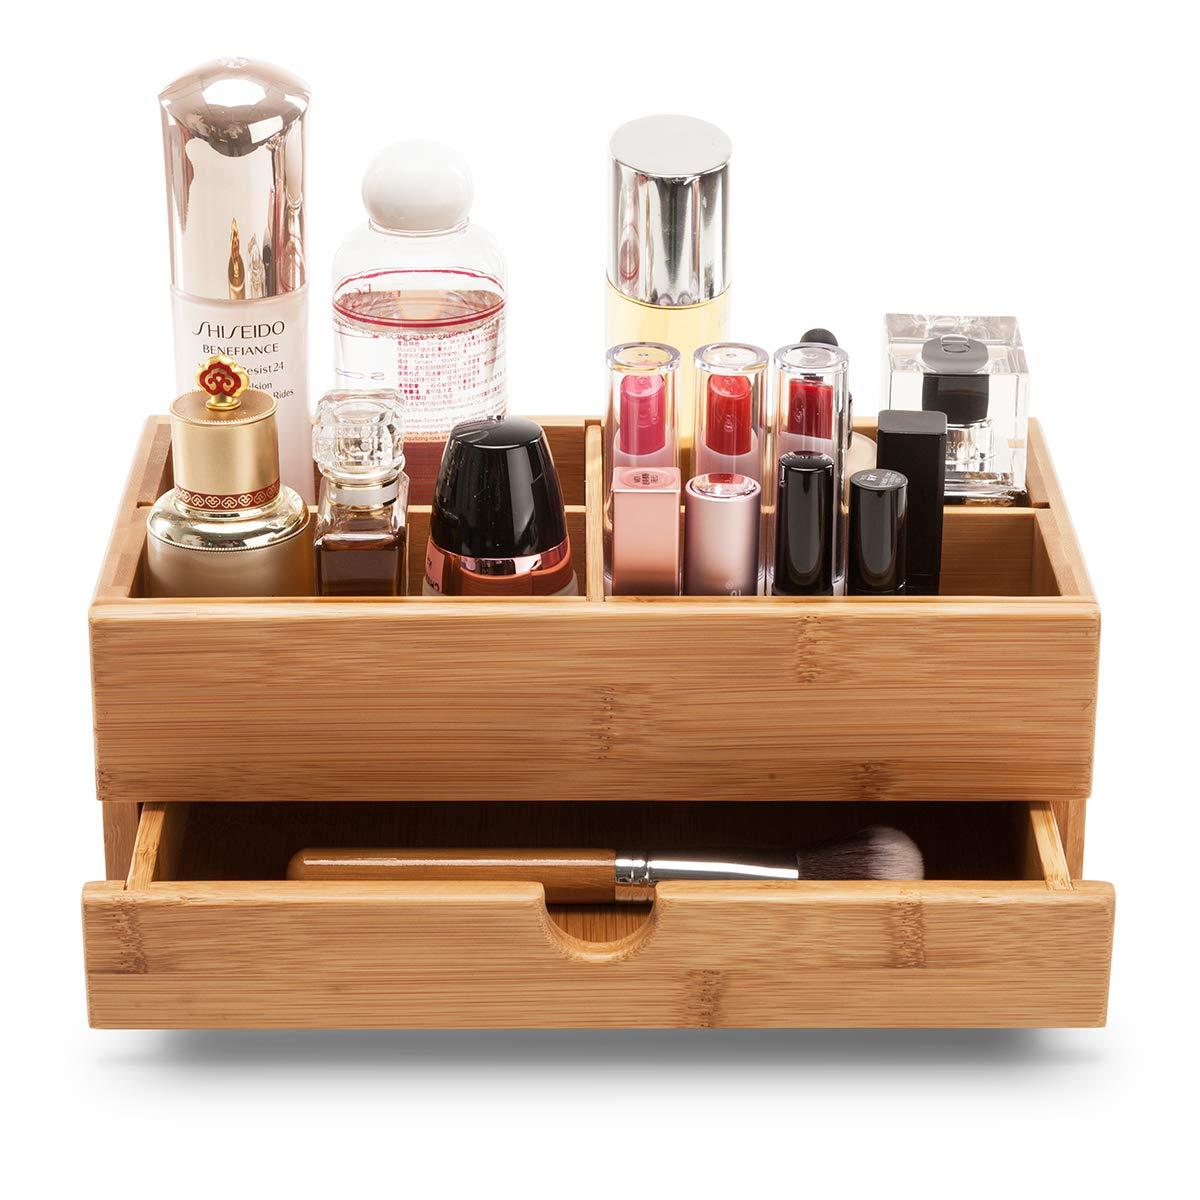 GOBAM Makeup Storage Drawer Organizer Bamboo Cosmetic Display Box Makeup Brushes Holder